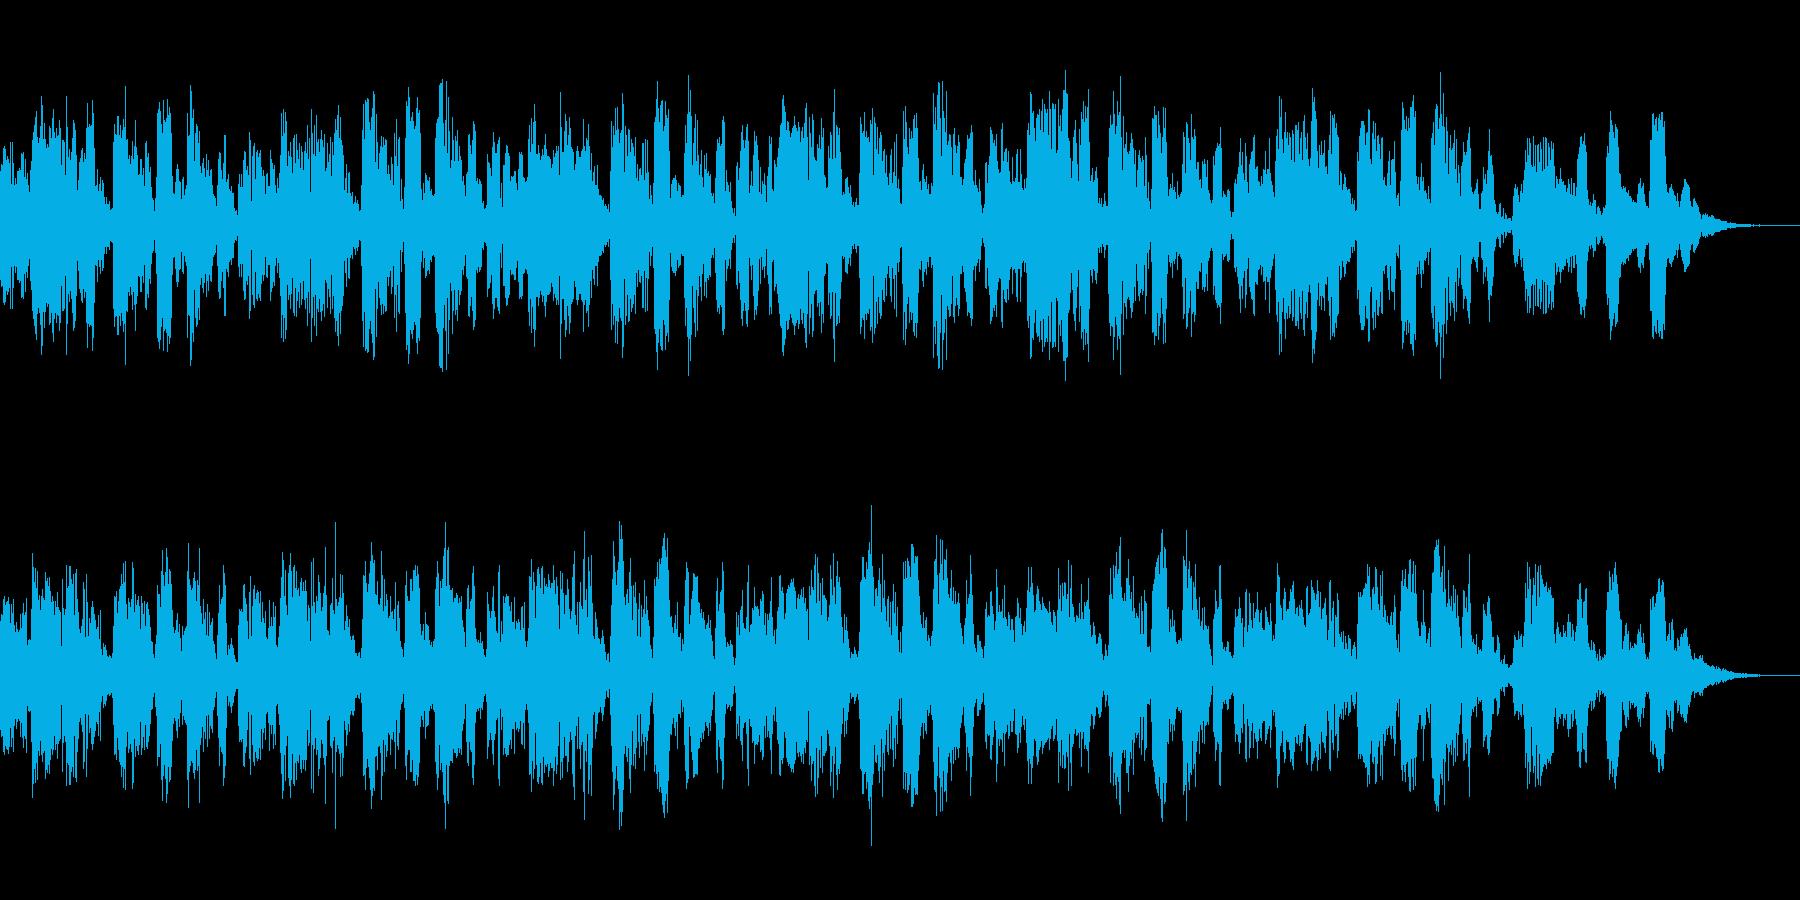 リラックスとしたポップステイストのBGMの再生済みの波形